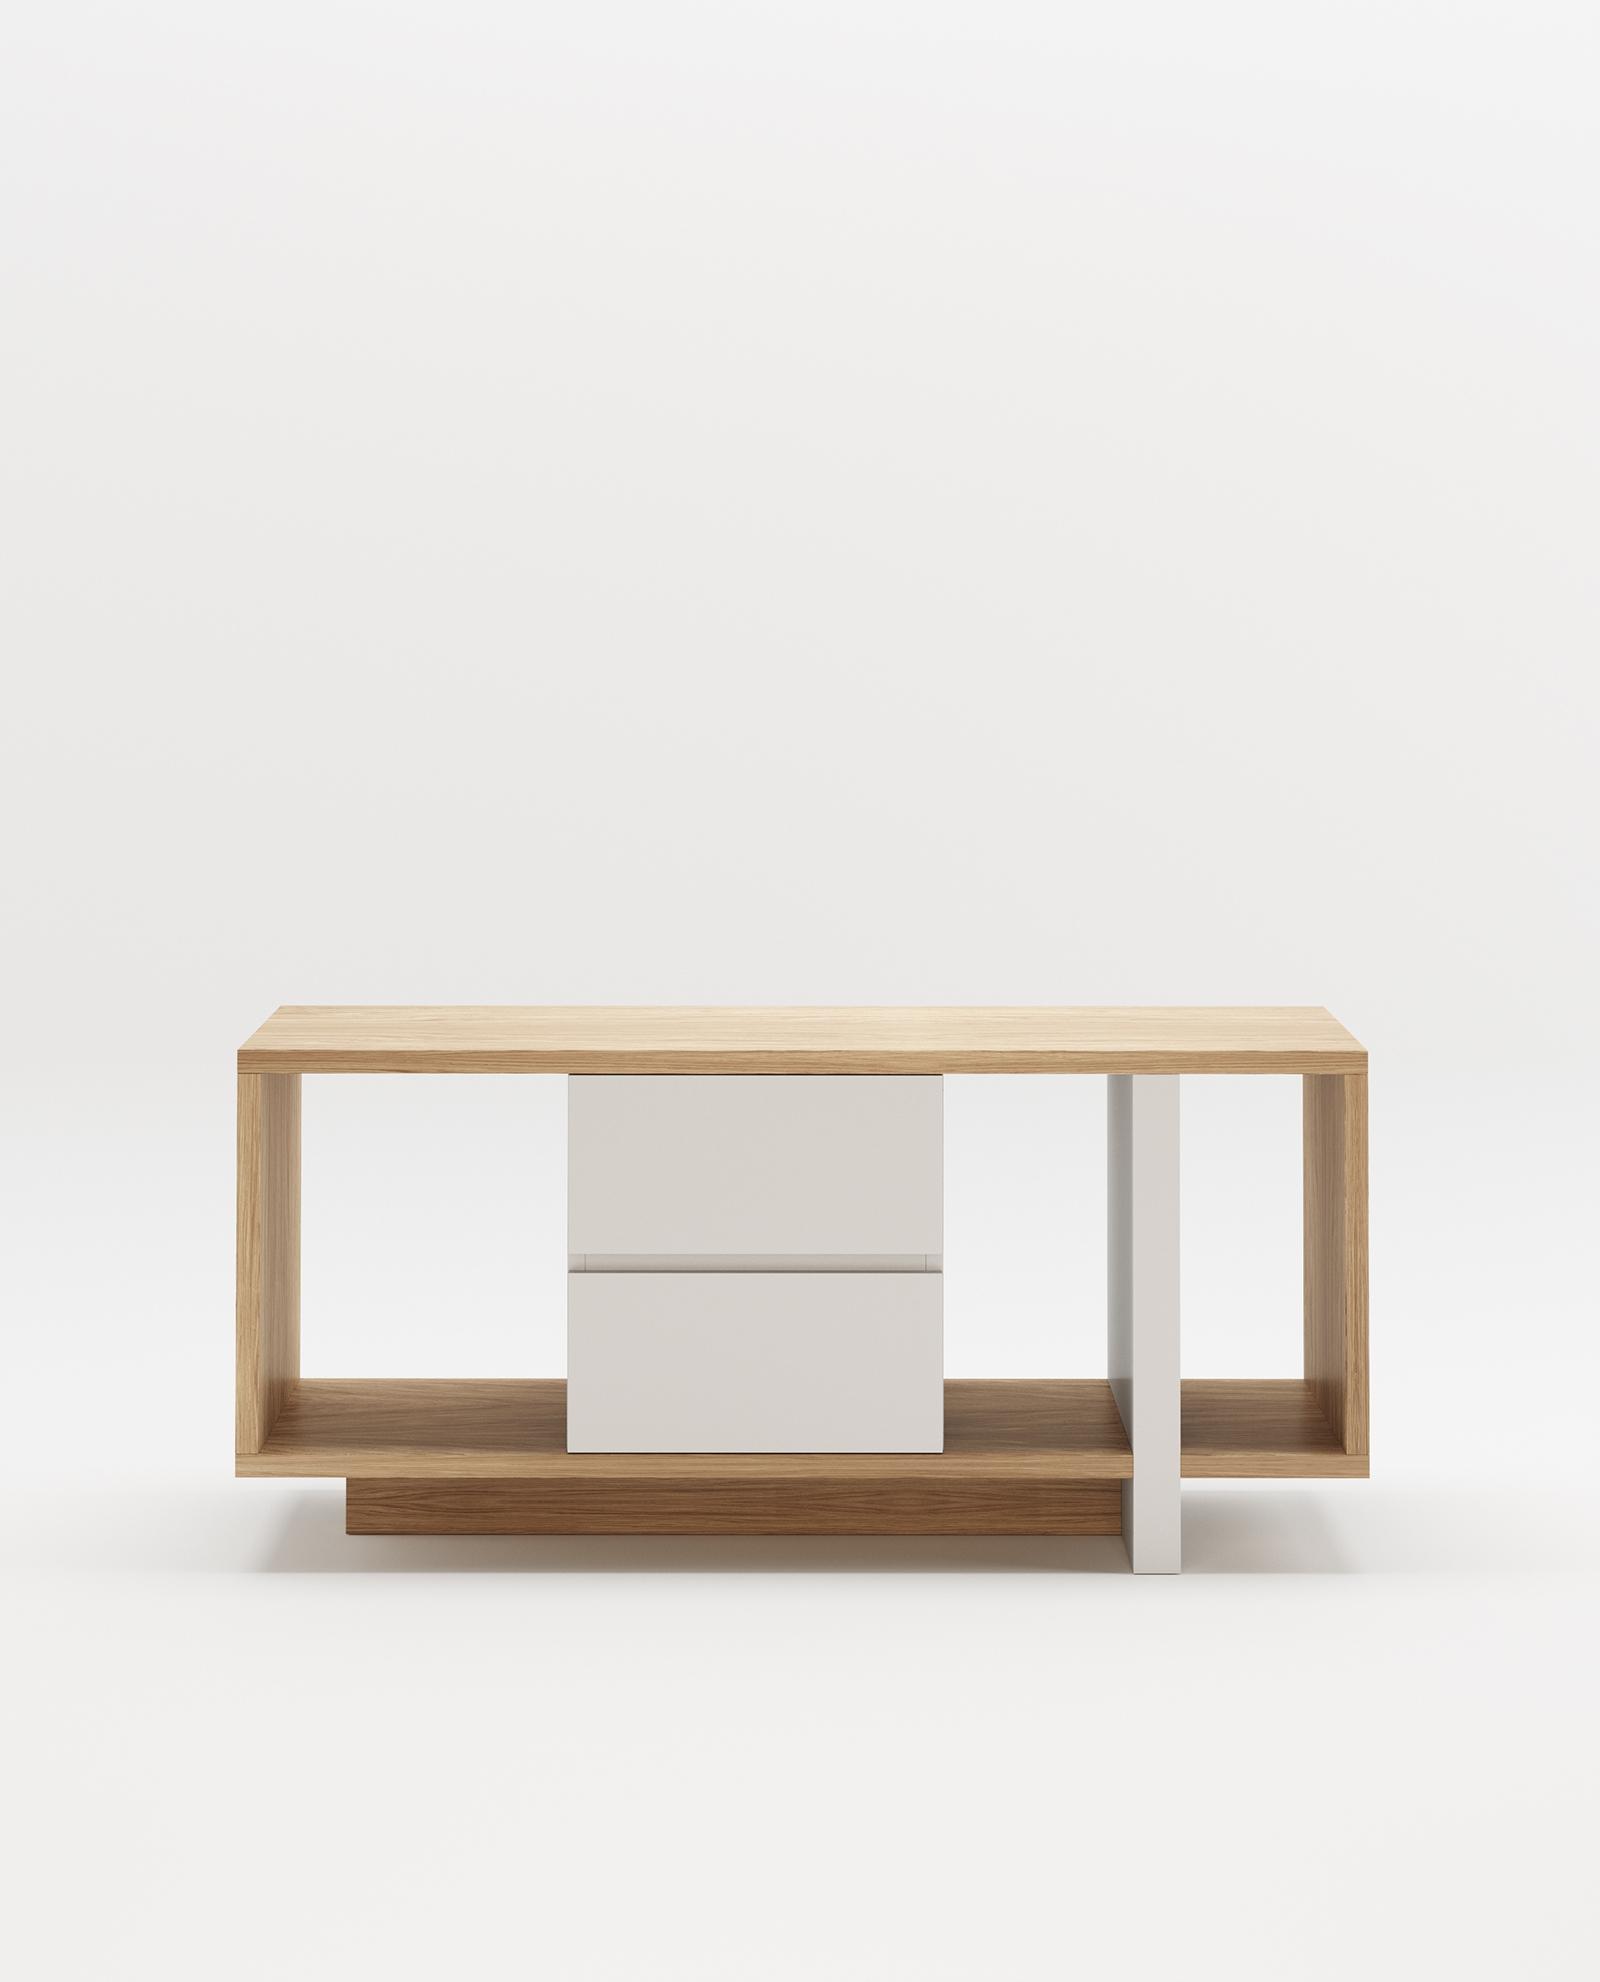 movel-apoio-madeira-gavetas-branco-carvalho (3)